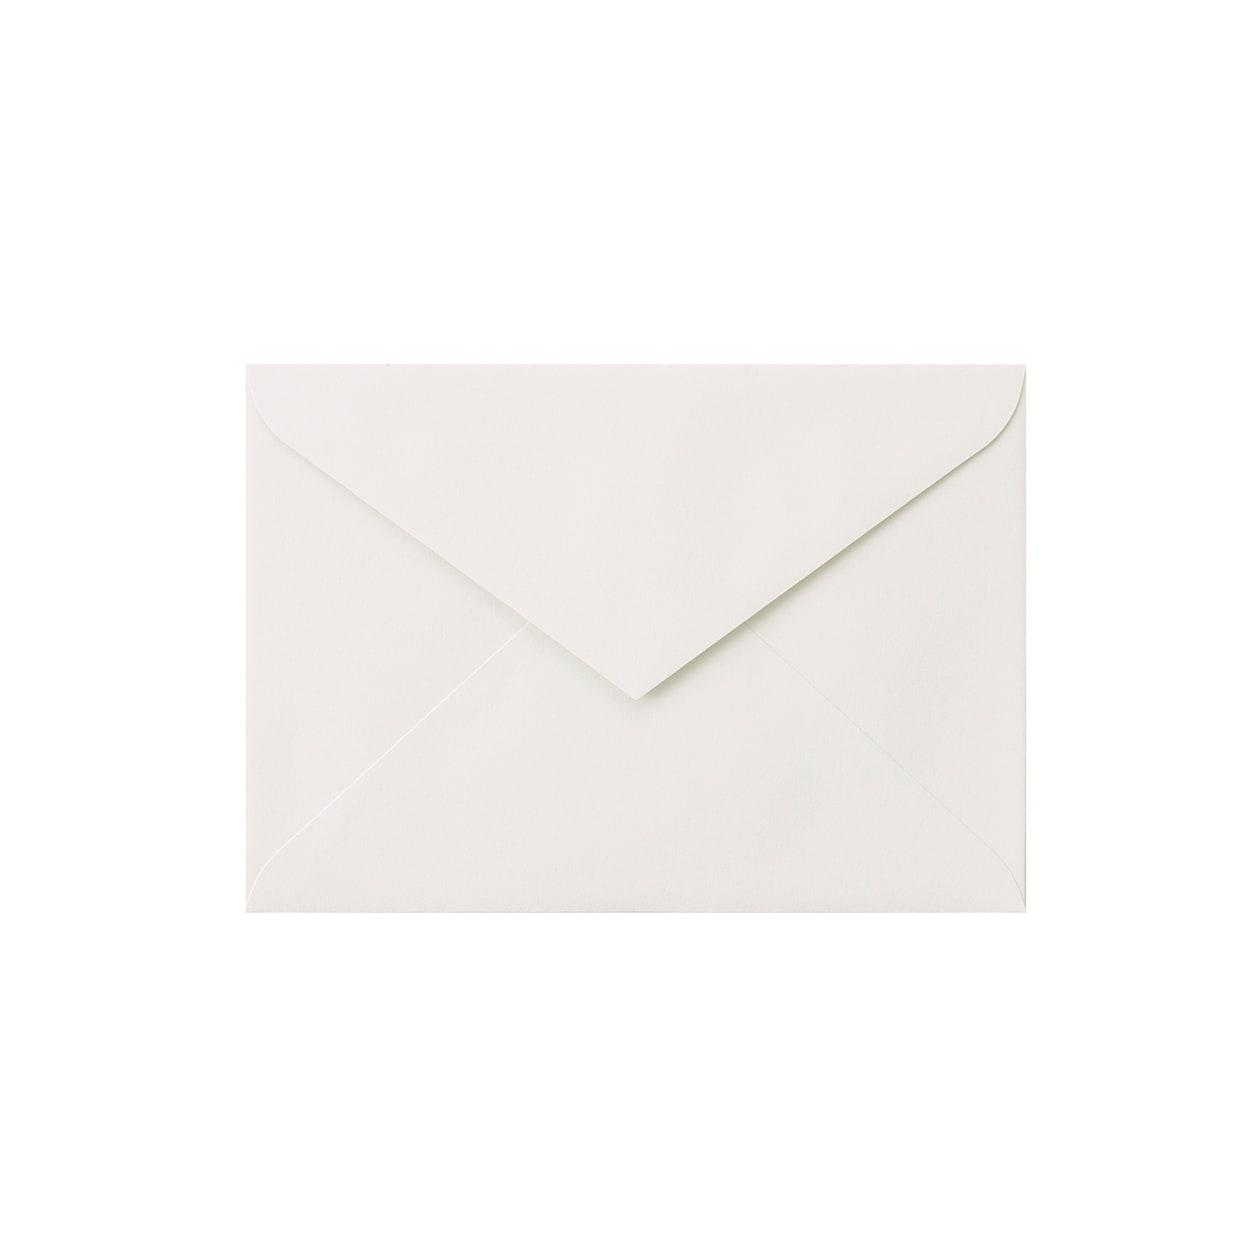 洋2ダイア封筒 コットン ライトグレイ 116.3g